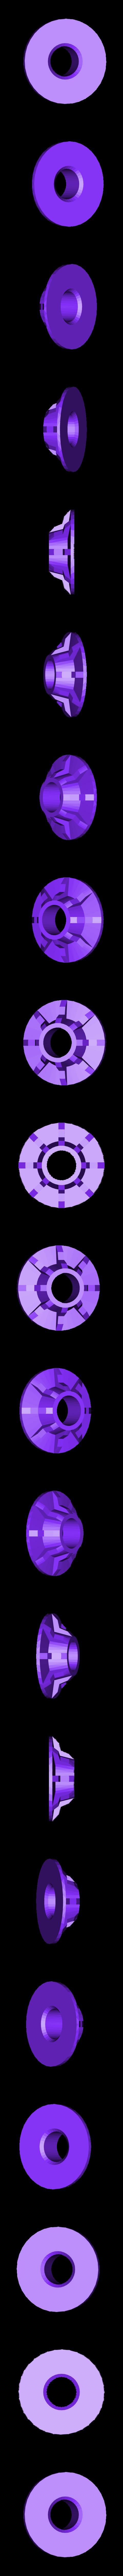 rotor_disc_top_G1.stl Download free STL file TRANSFORMERS G1 ROTORSTORM ARTICULATION UPGRADE KIT • 3D printable design, sickofyou